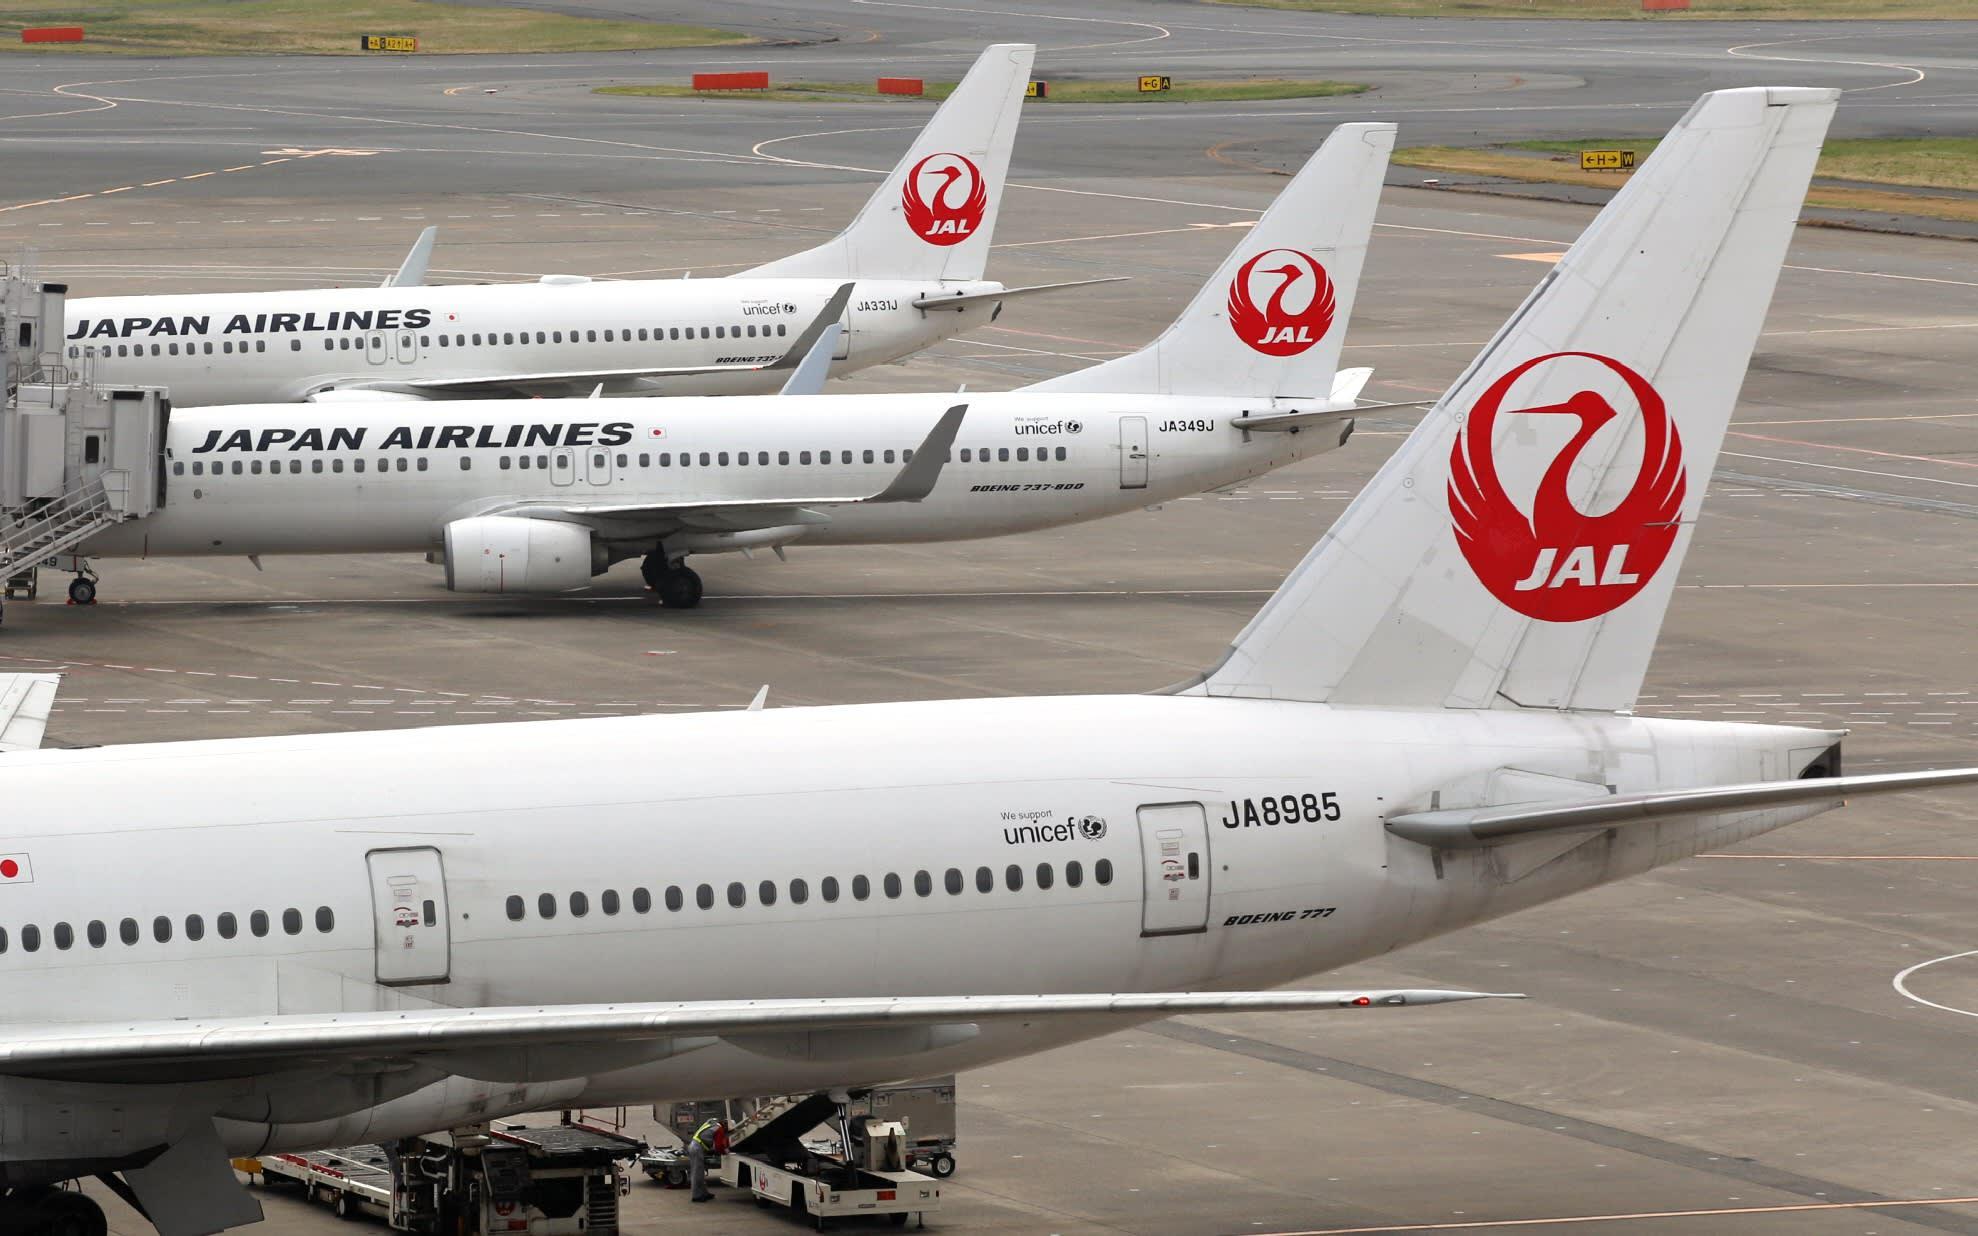 JAL Akan Buka Penerbangan Berbiaya Murah Jelang Olimpiade 2020